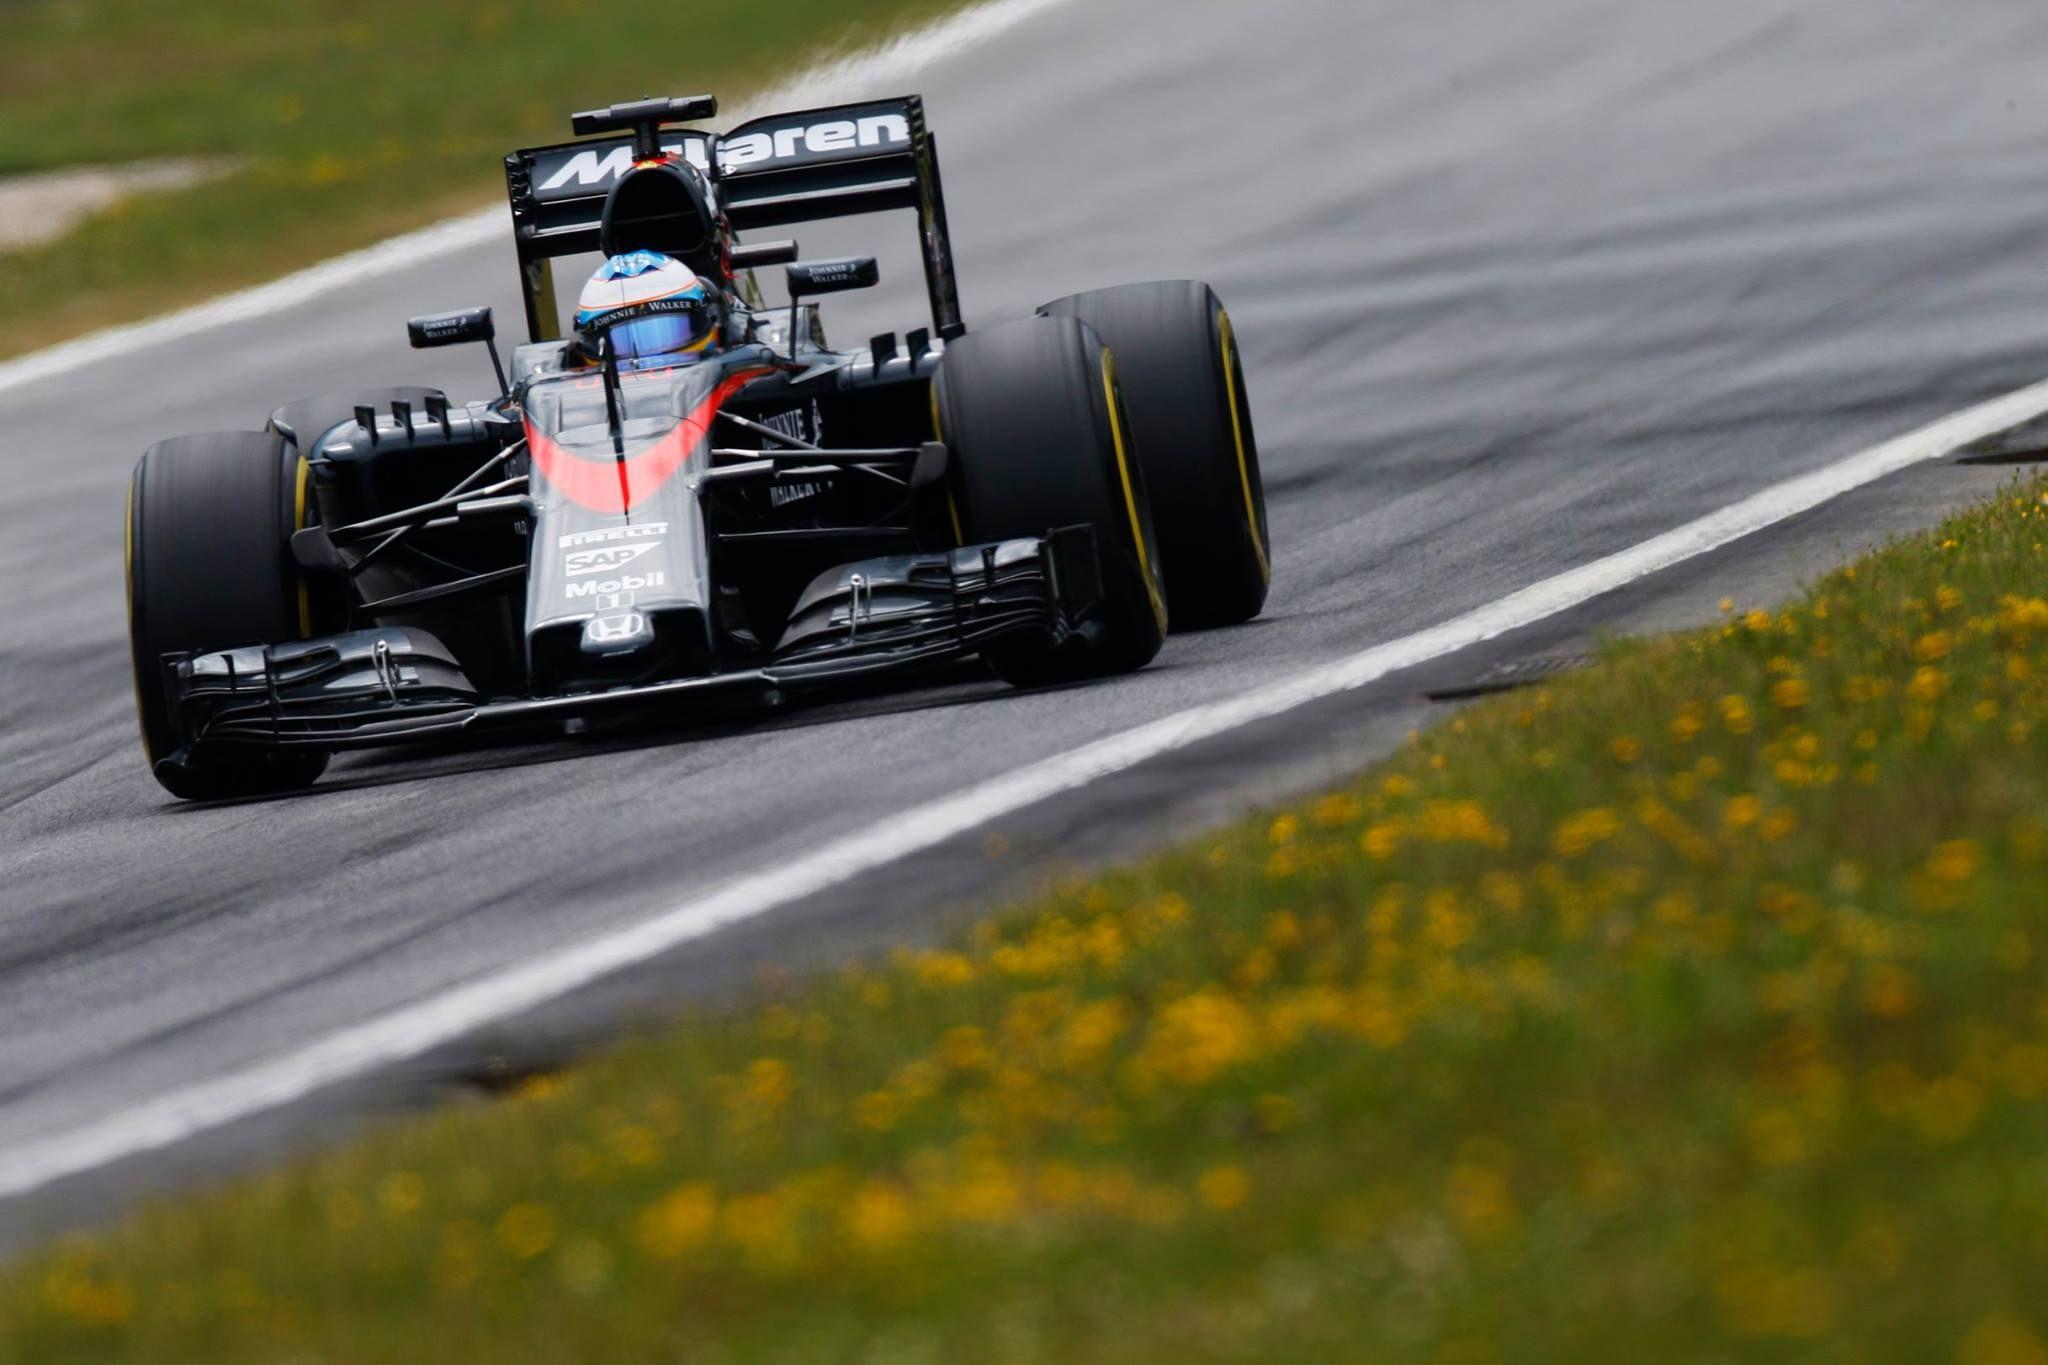 ¿Por qué equipos ha pasado Fernando Alonso a lo largo de su carrera?